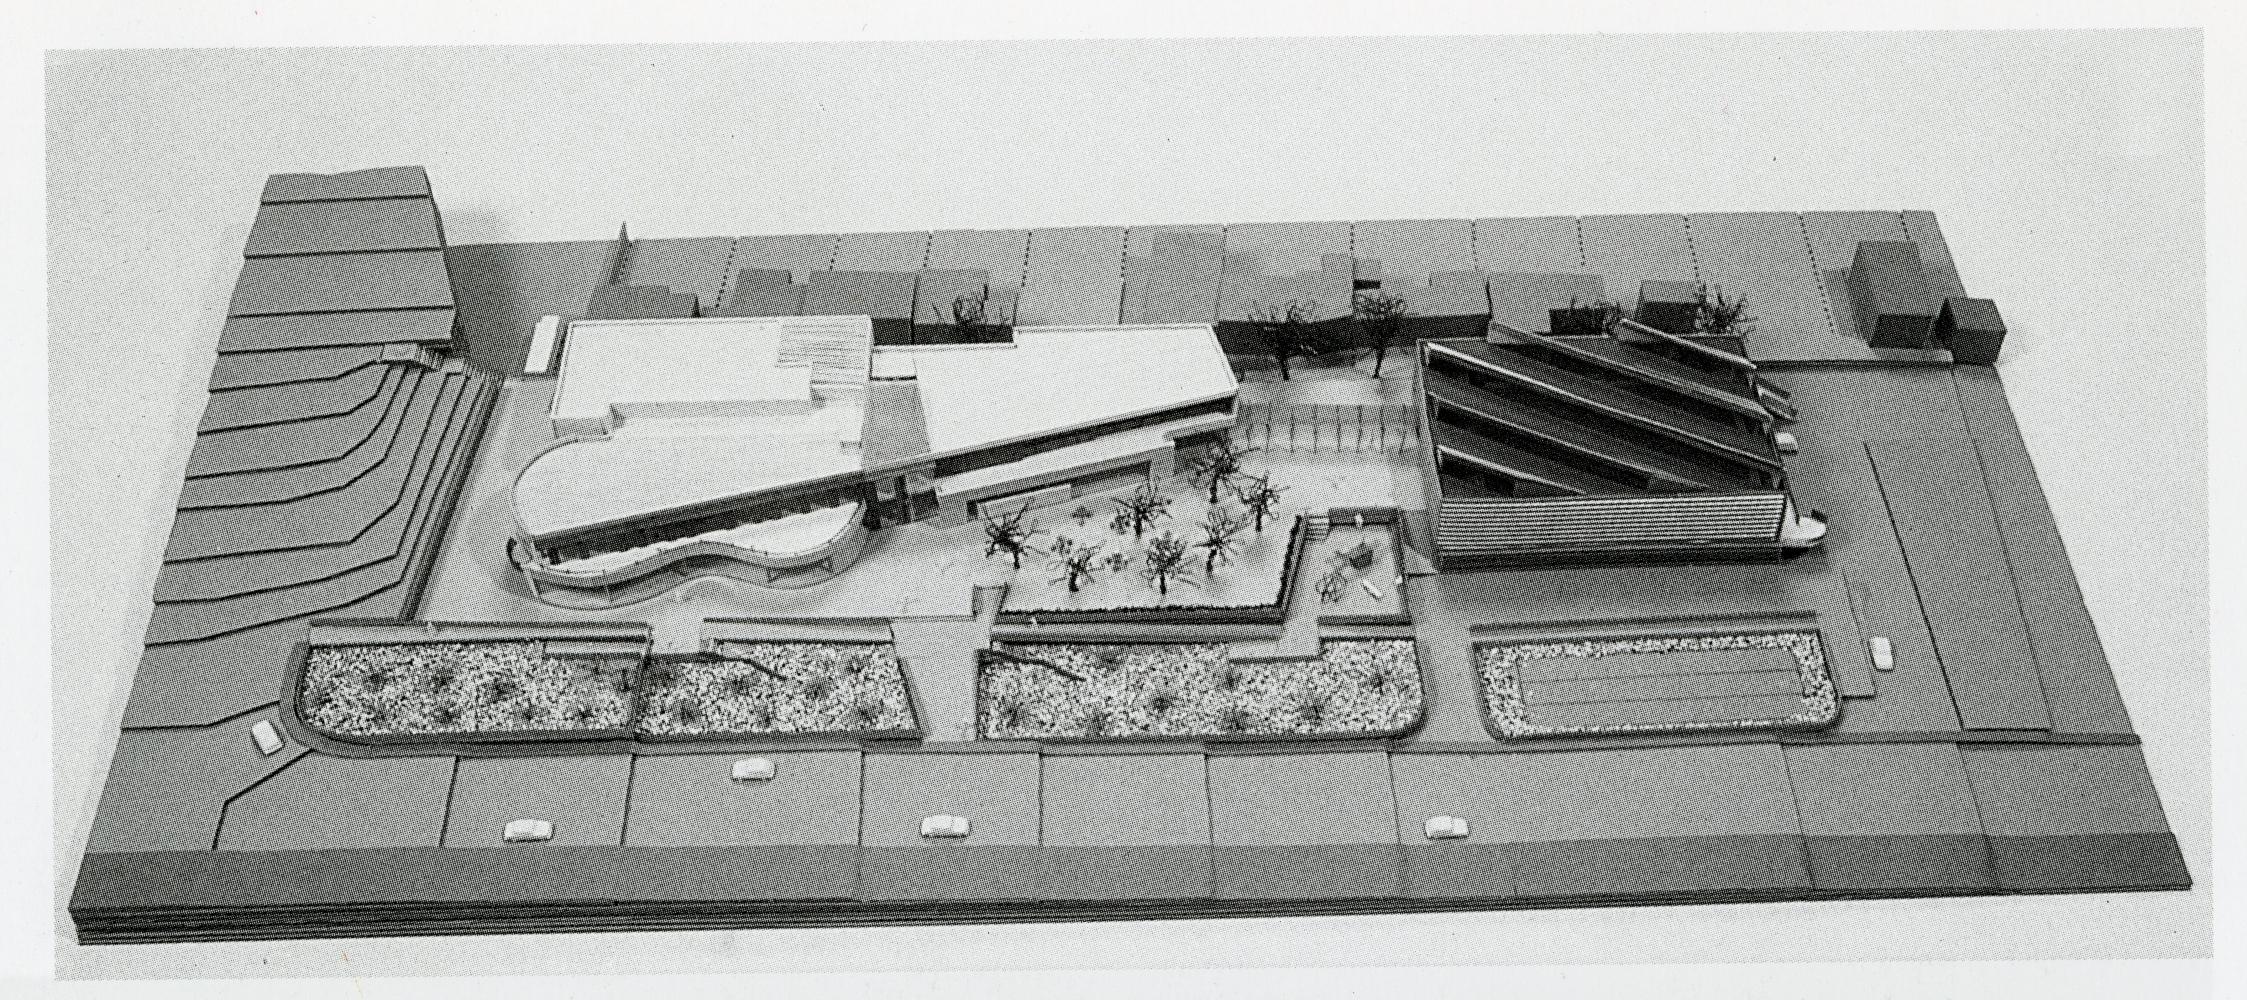 18-la-trinite-img-003 Pascale SEURIN Architecte - Pascale SEURIN Architecte